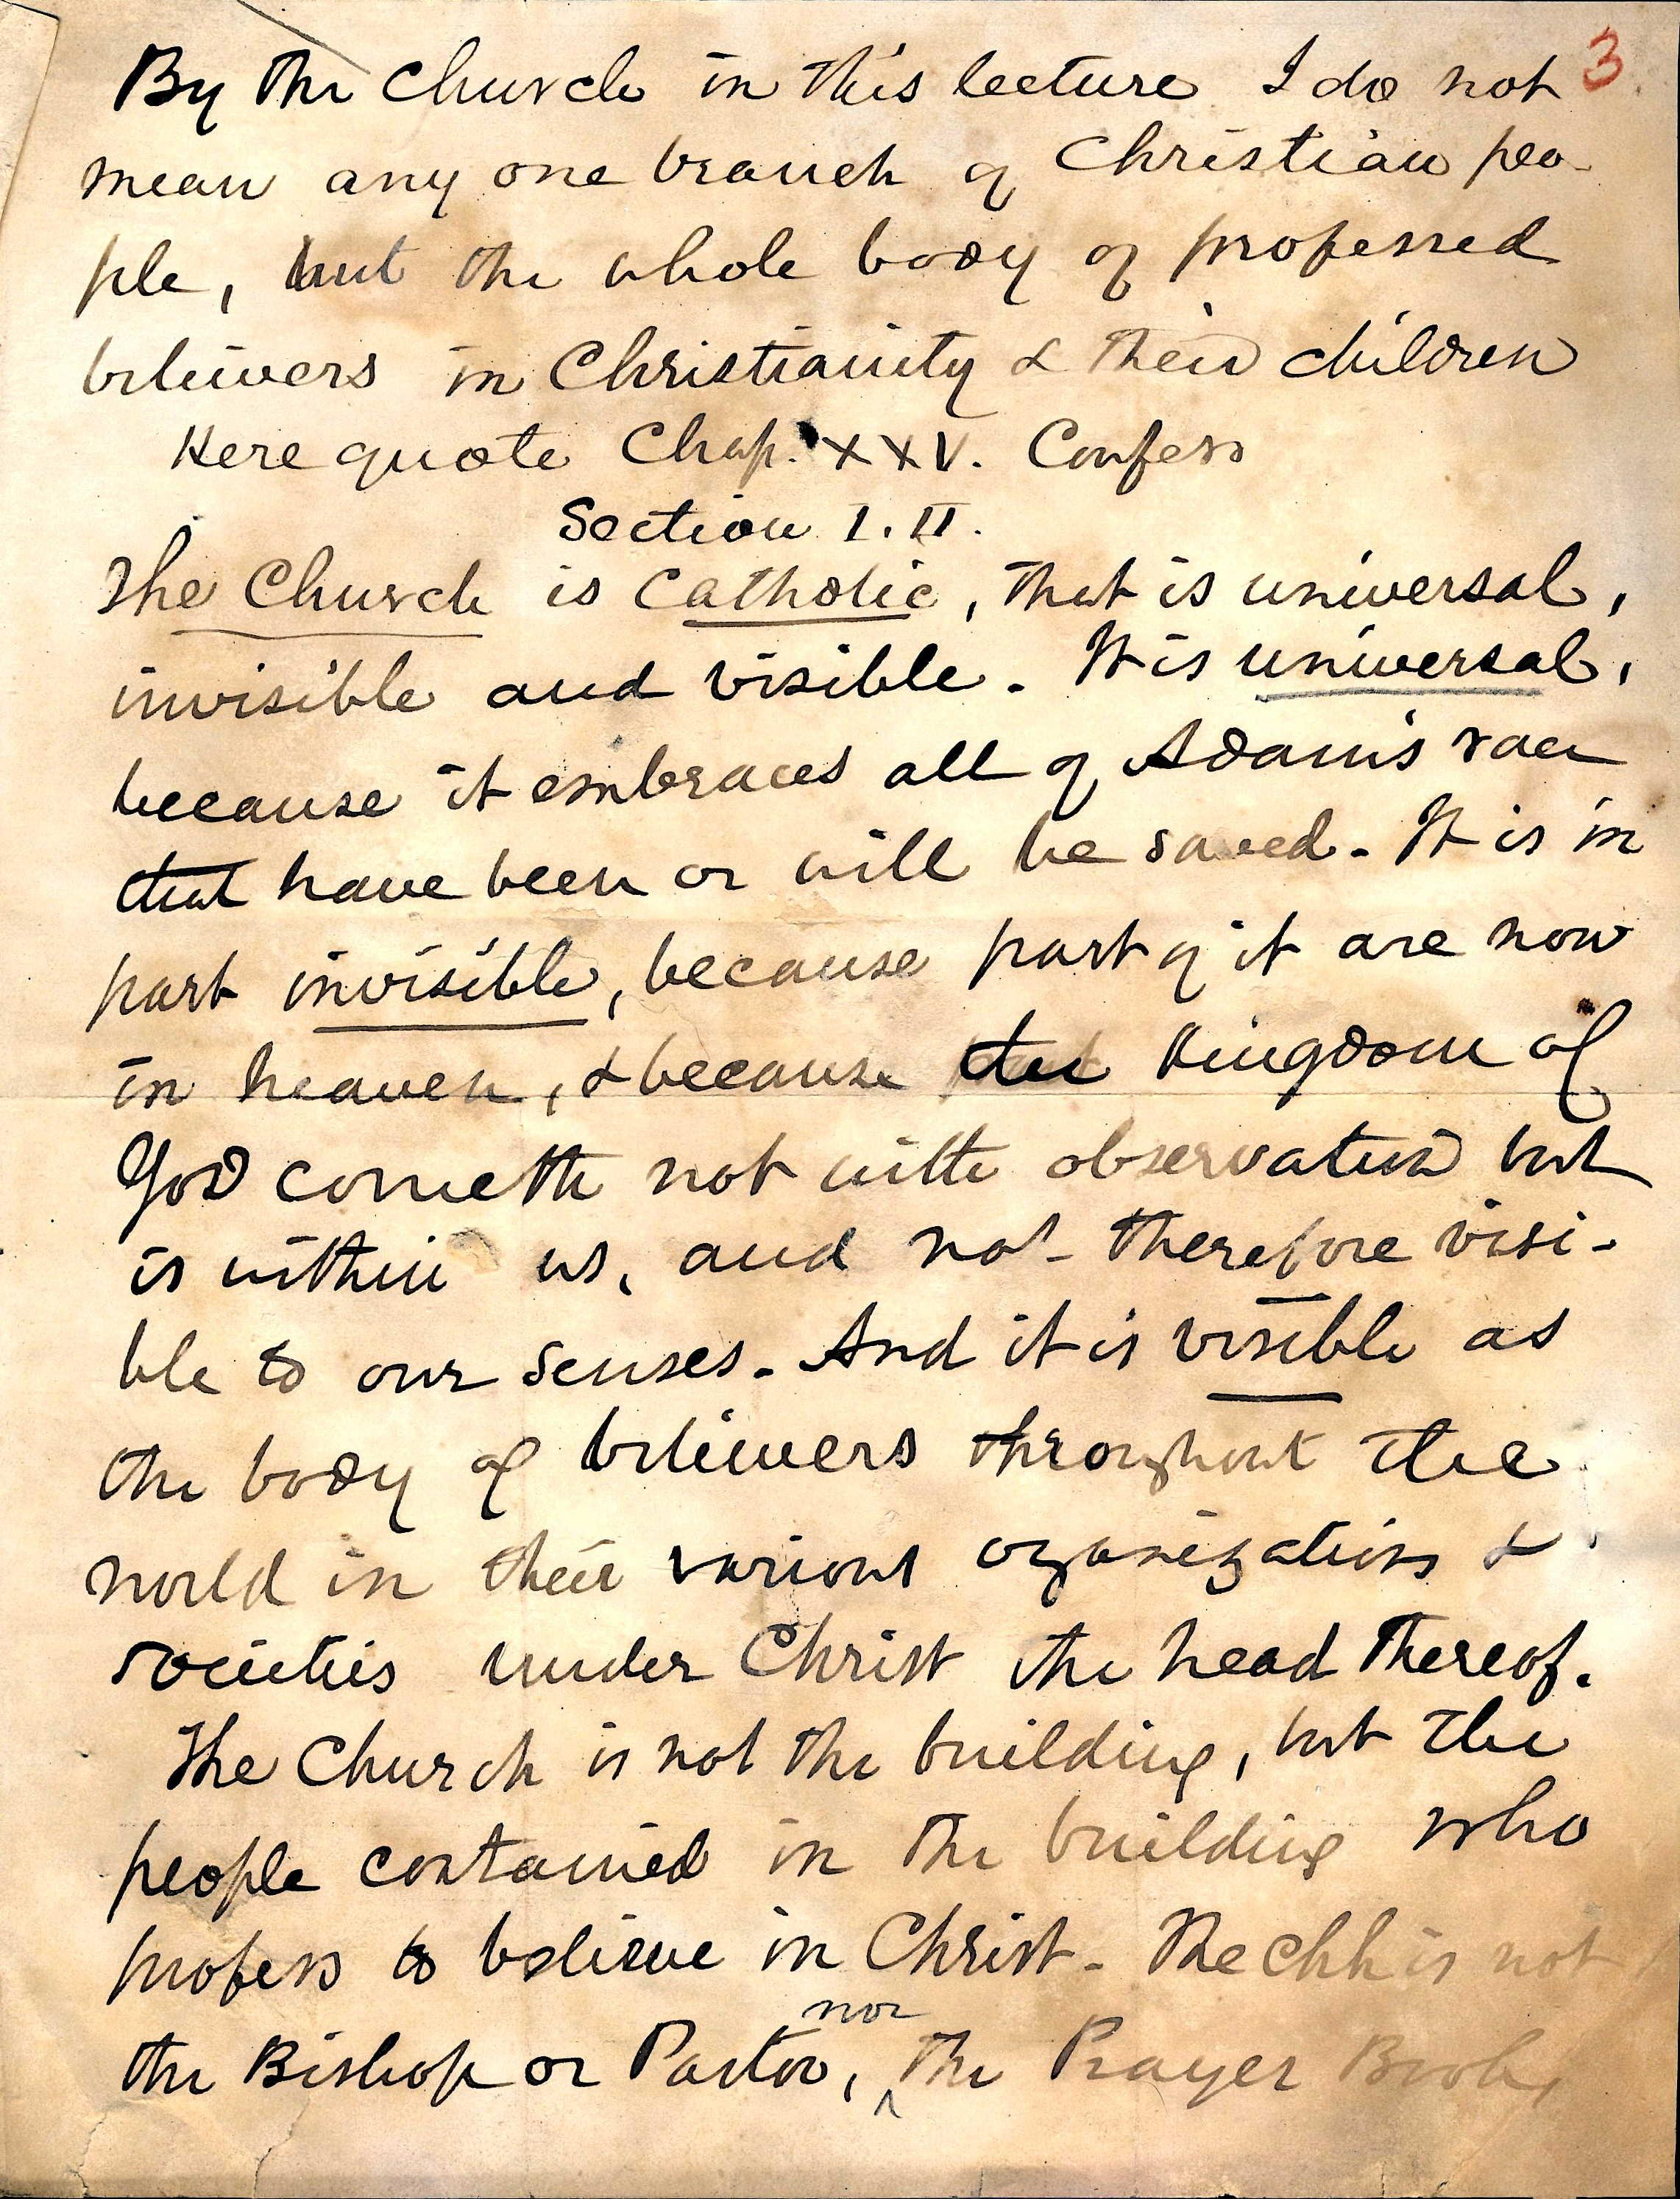 CPRR letter 1872-02-10